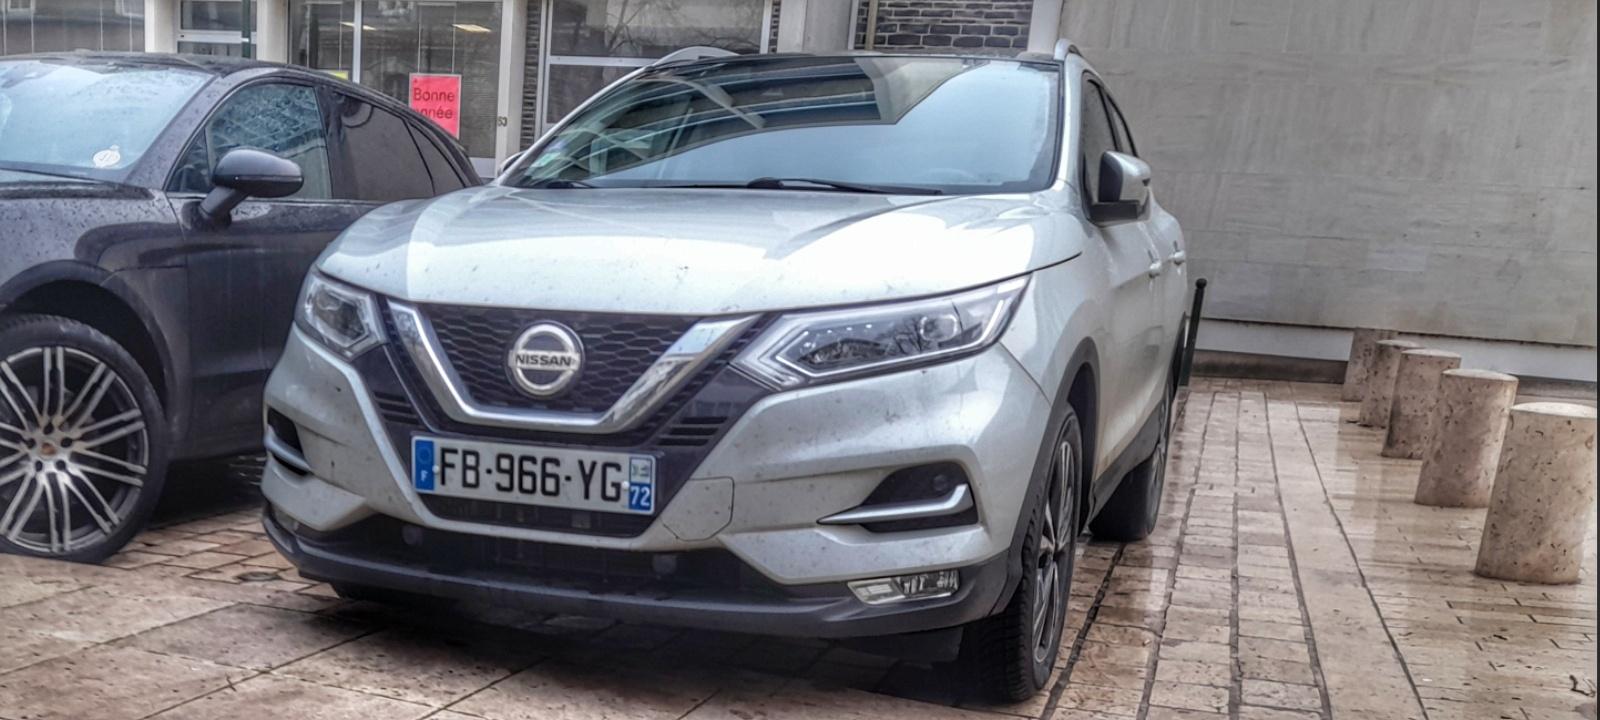 Nissan Qashqai 16024828